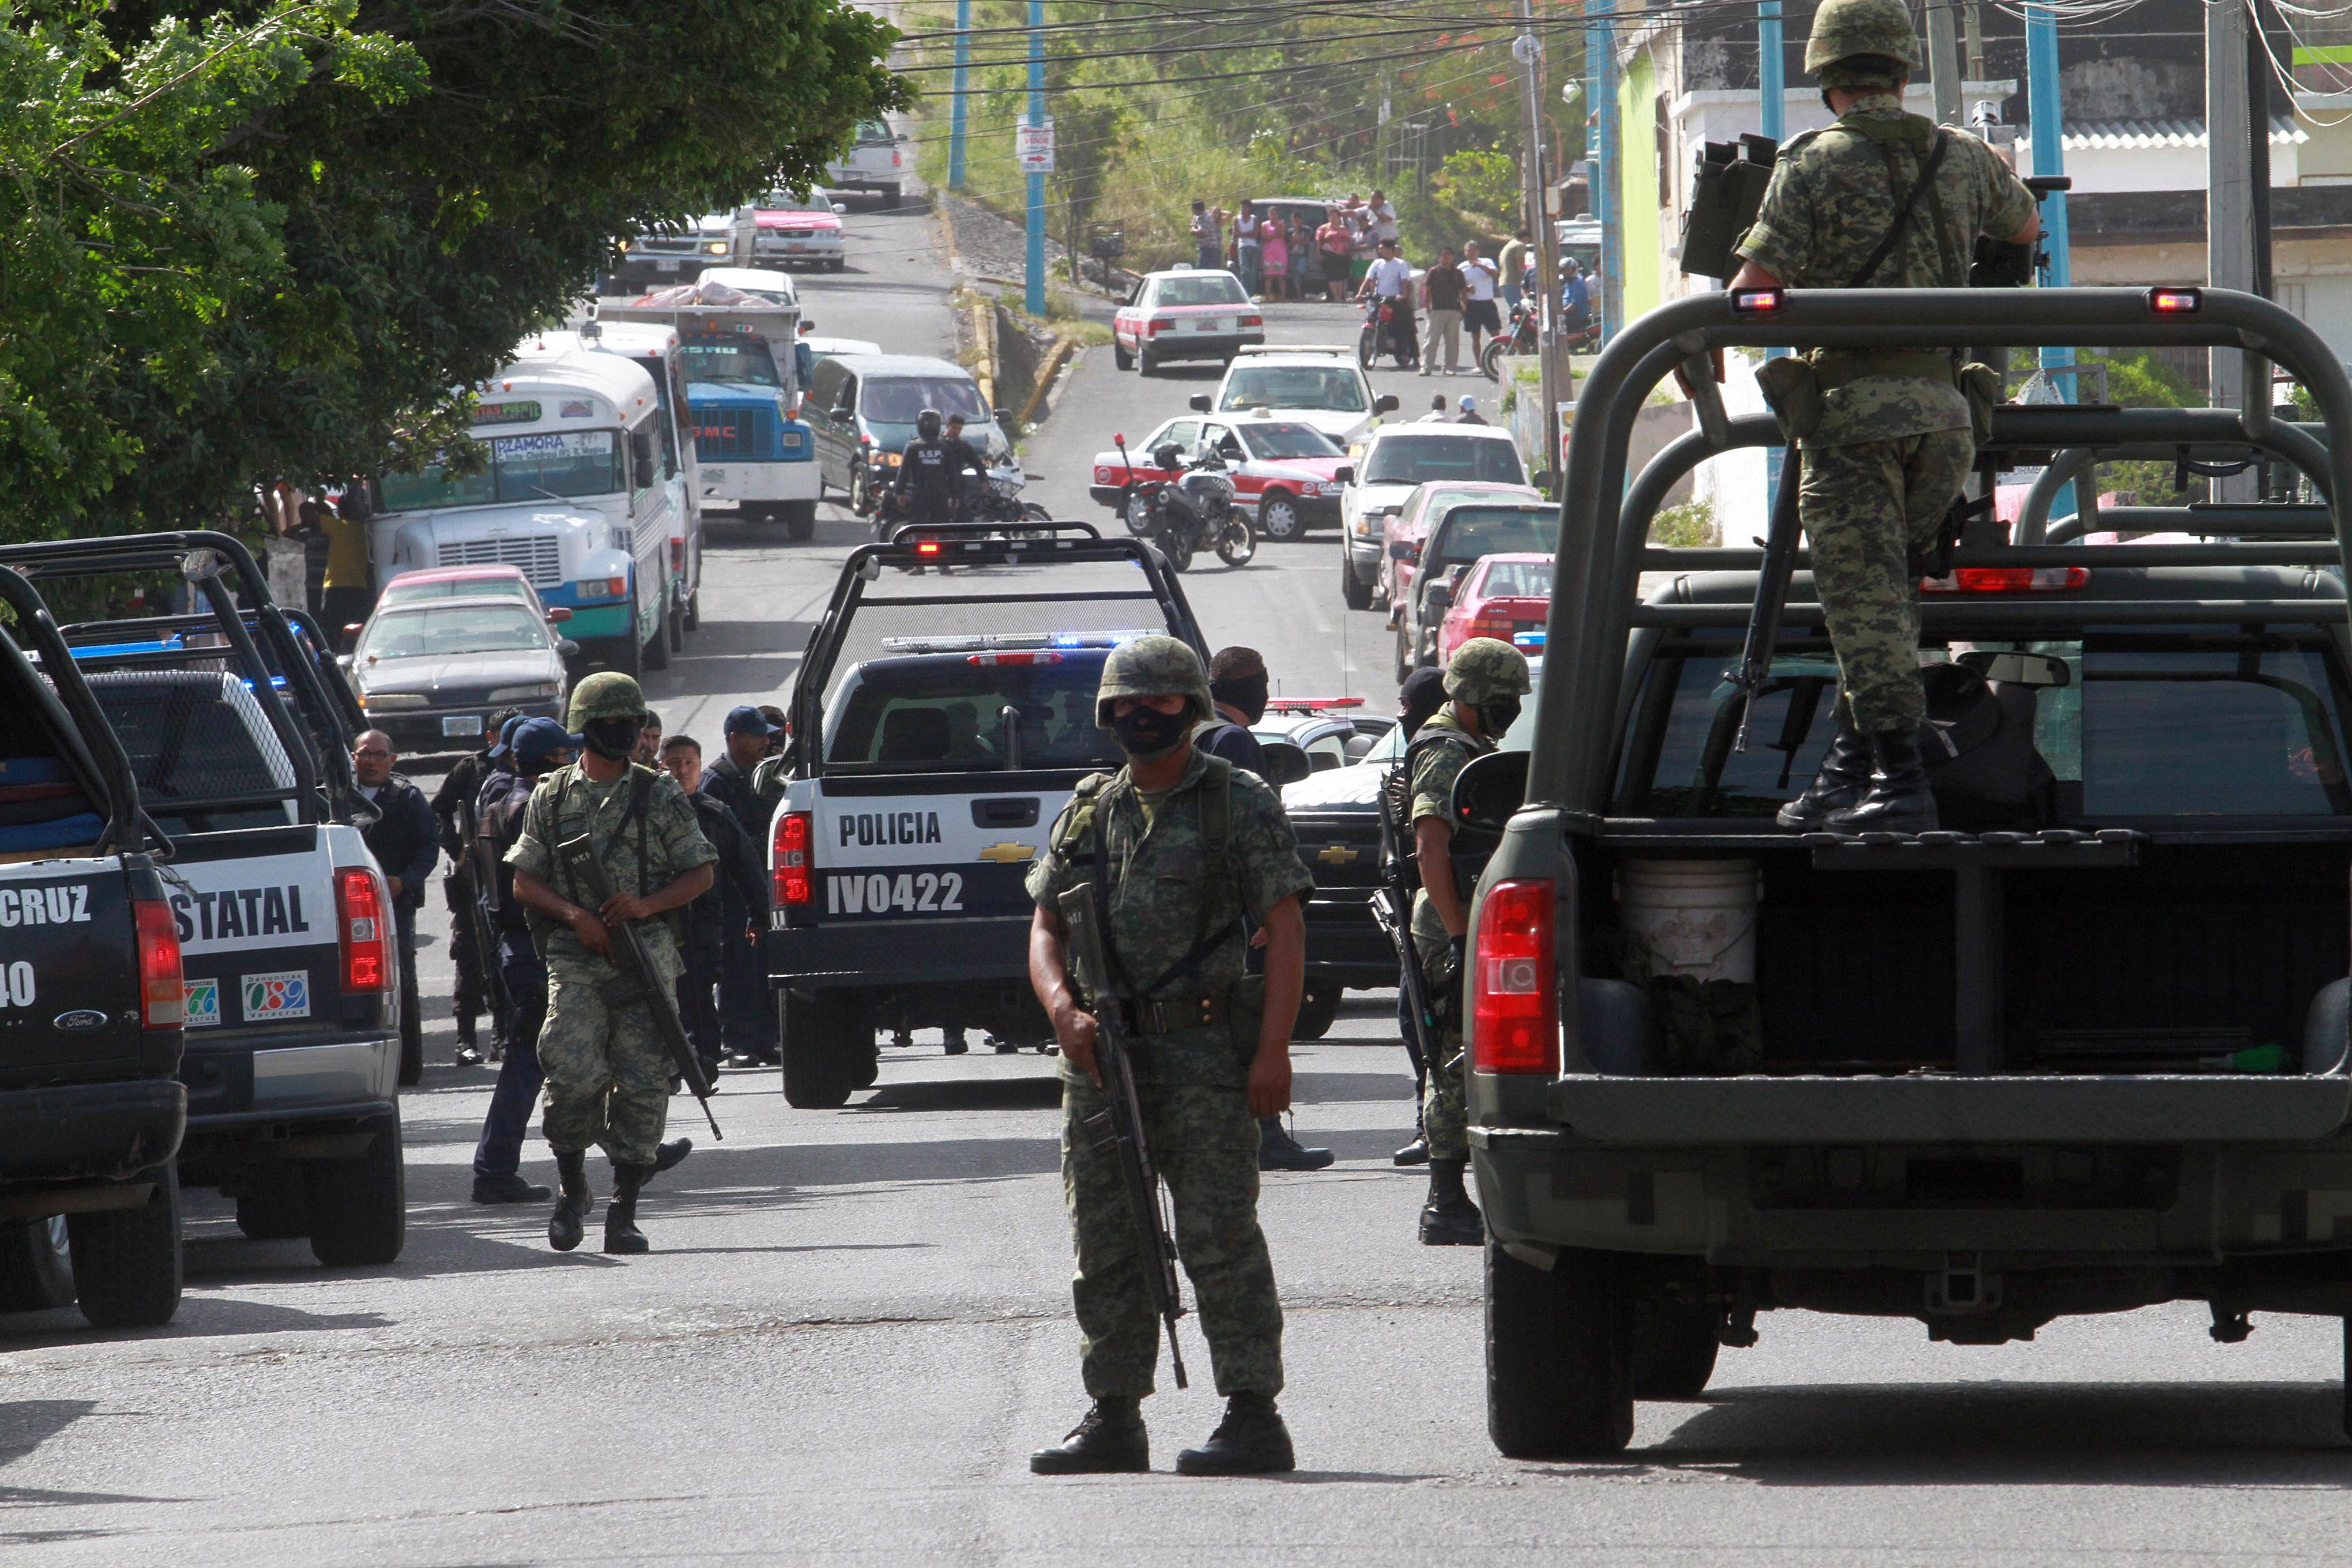 Militares en un operativo policial